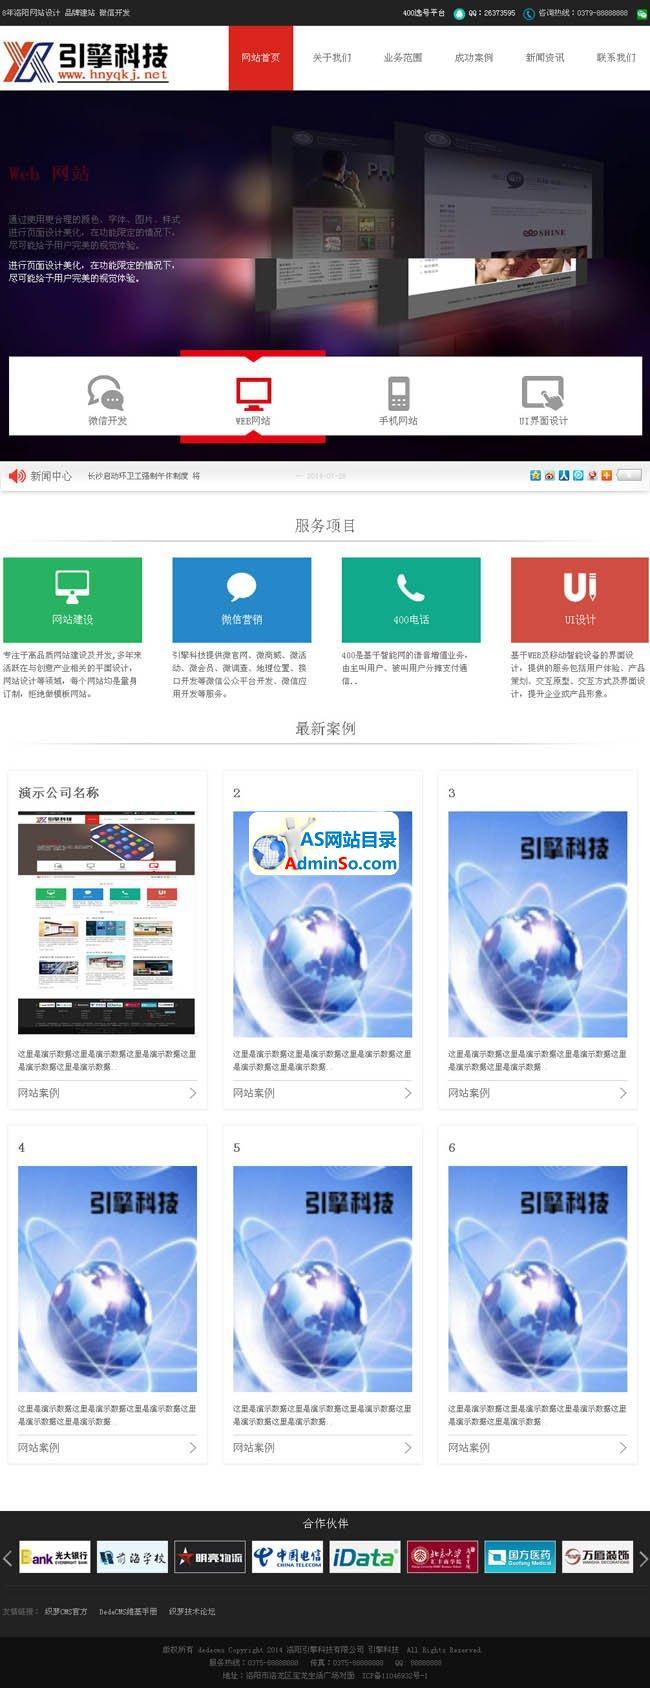 织梦企业模板_网络科技公司整站